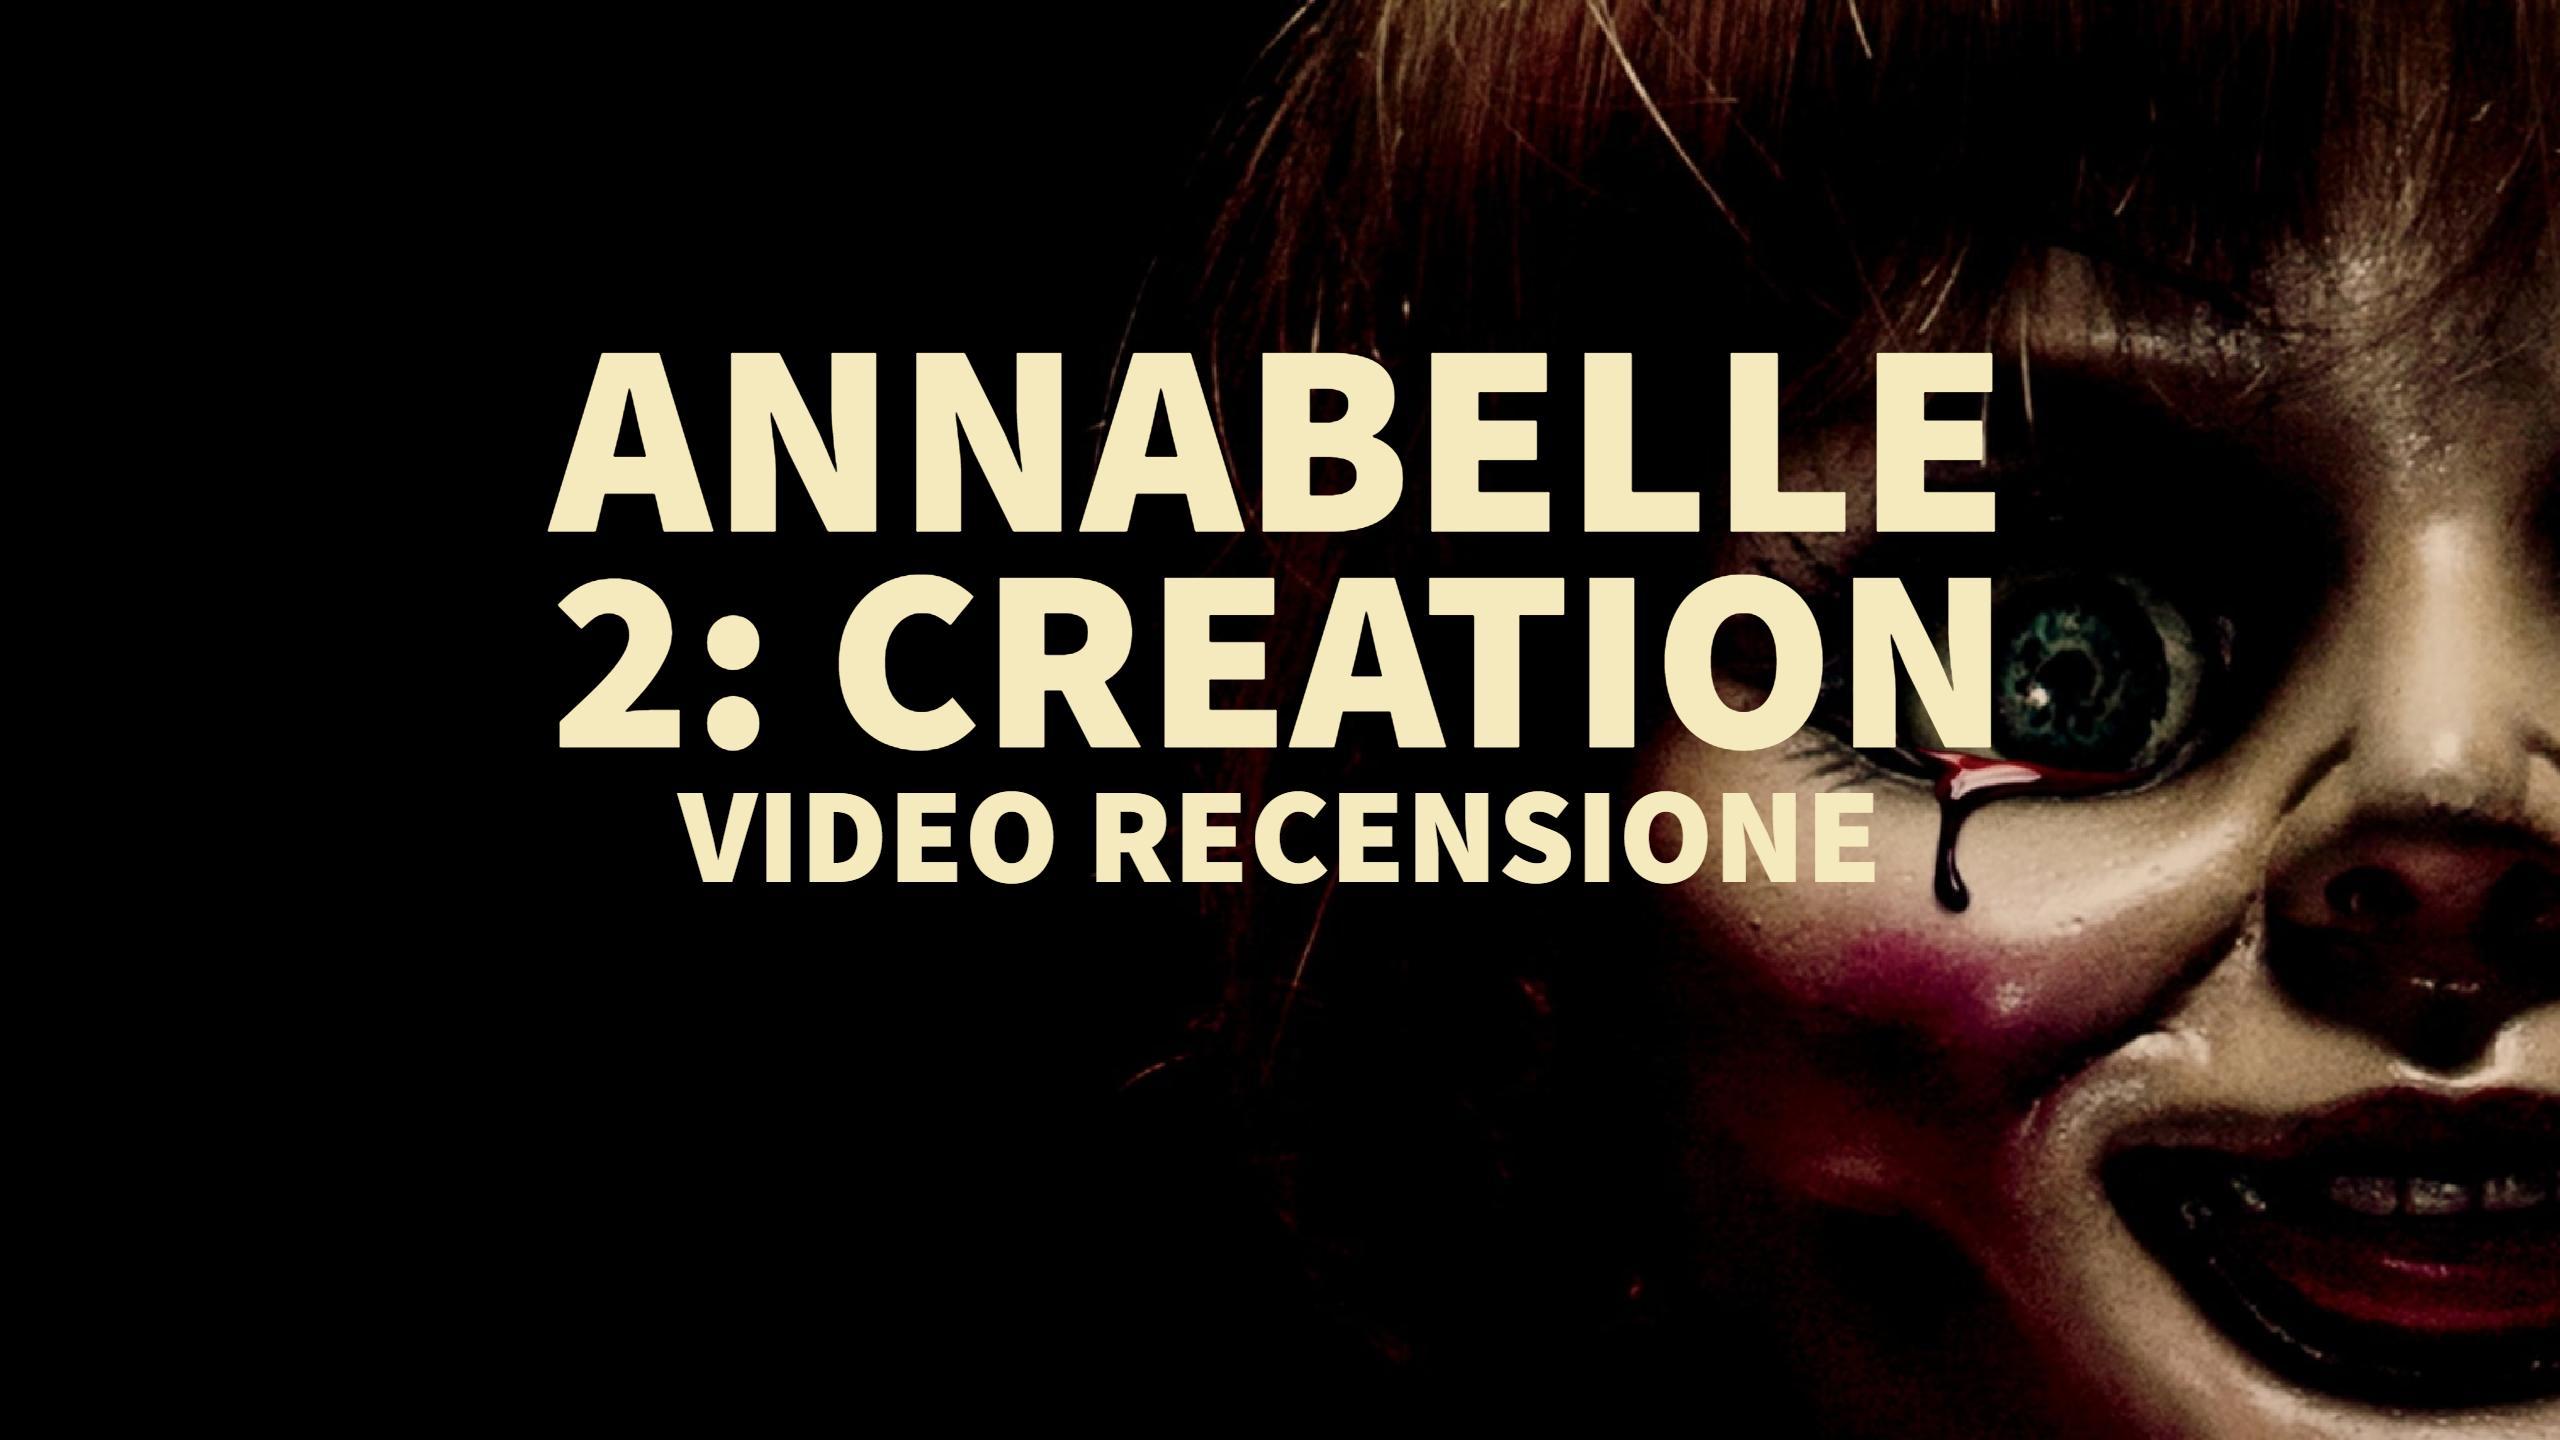 Annabelle 2: Creation, la recensione del film horror